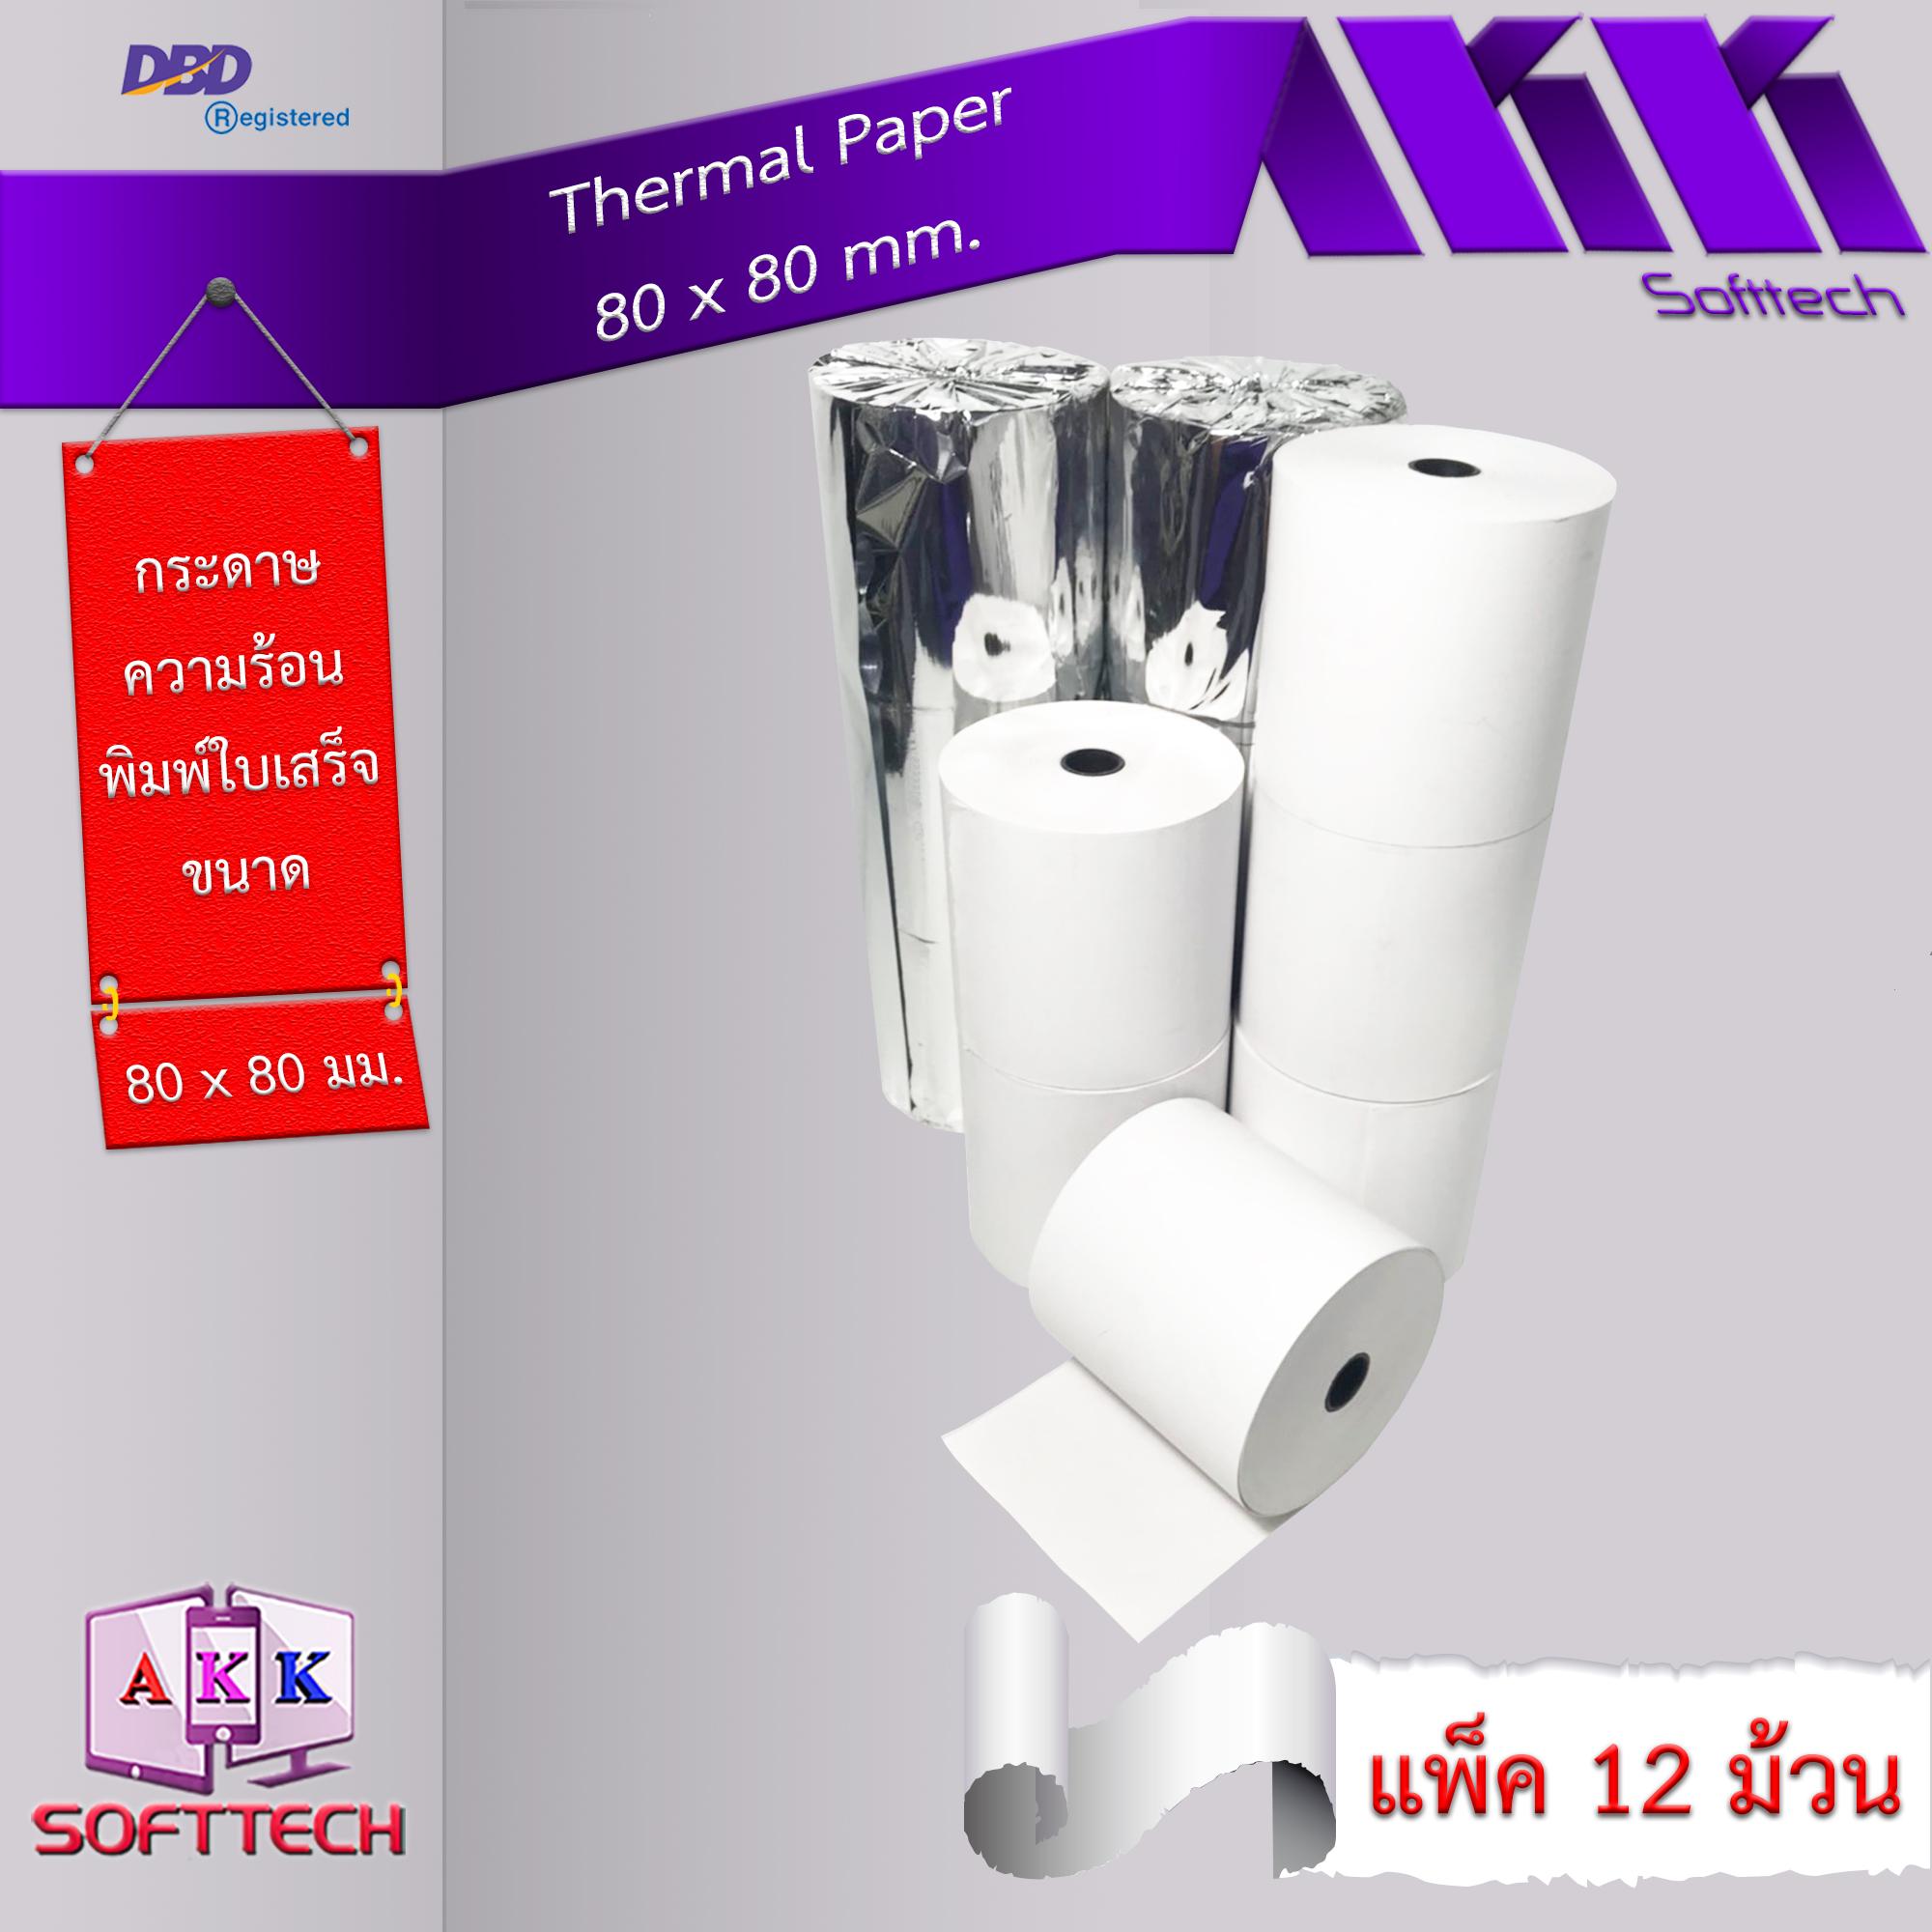 กระดาษความร้อนพิมพ์ใบเสร็จ 80x80 มม. (Thermal Paper 80x80 mm) แพ็ค 12 ม้วน